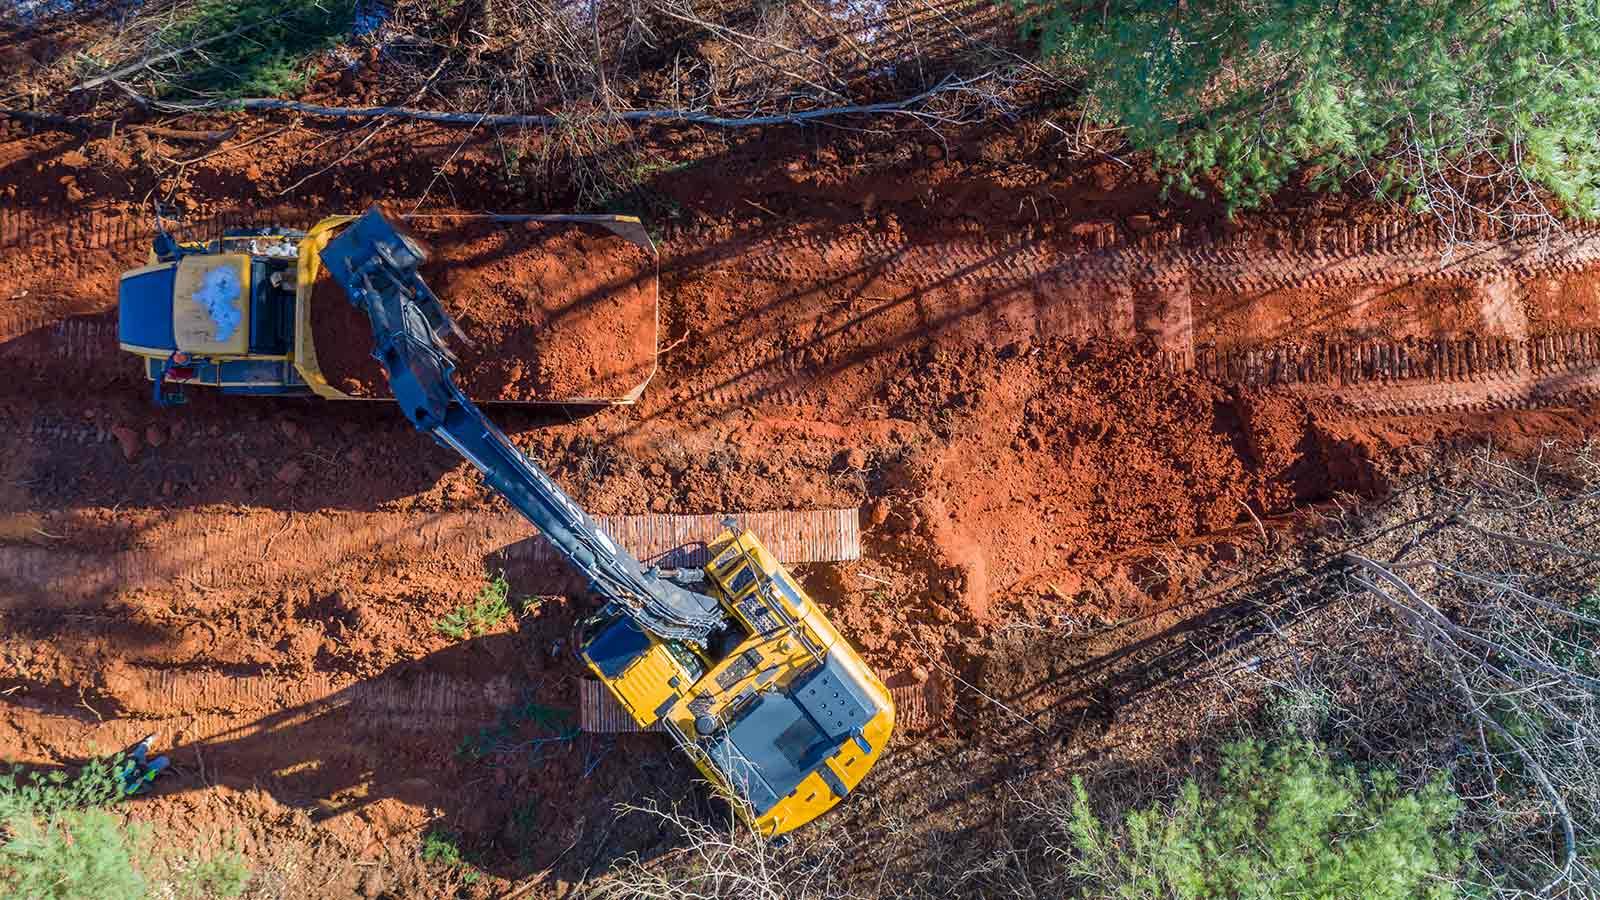 A John Deere 250G Excavator unloads a bucket of dirt into a John Deere 300D Articulated Dump Truck